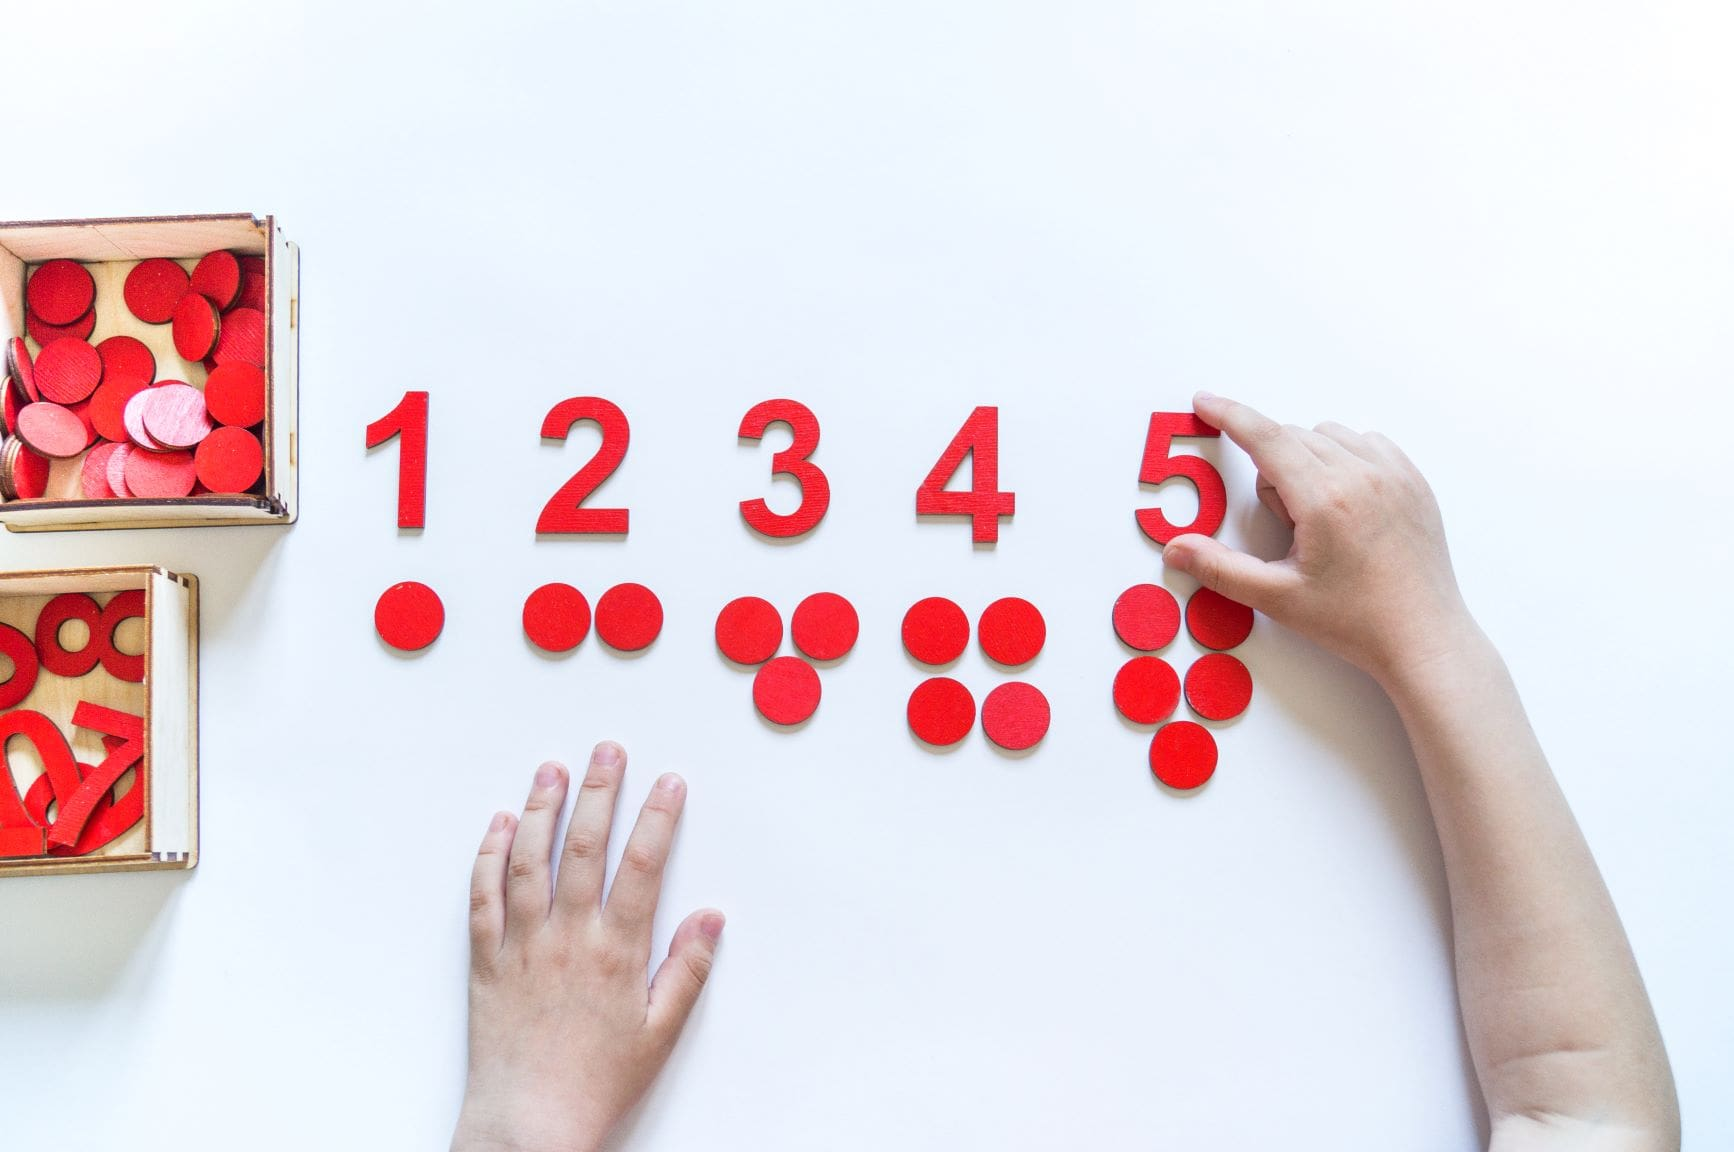 ¿Qué material necesito para enseñar matemáticas a los niños?